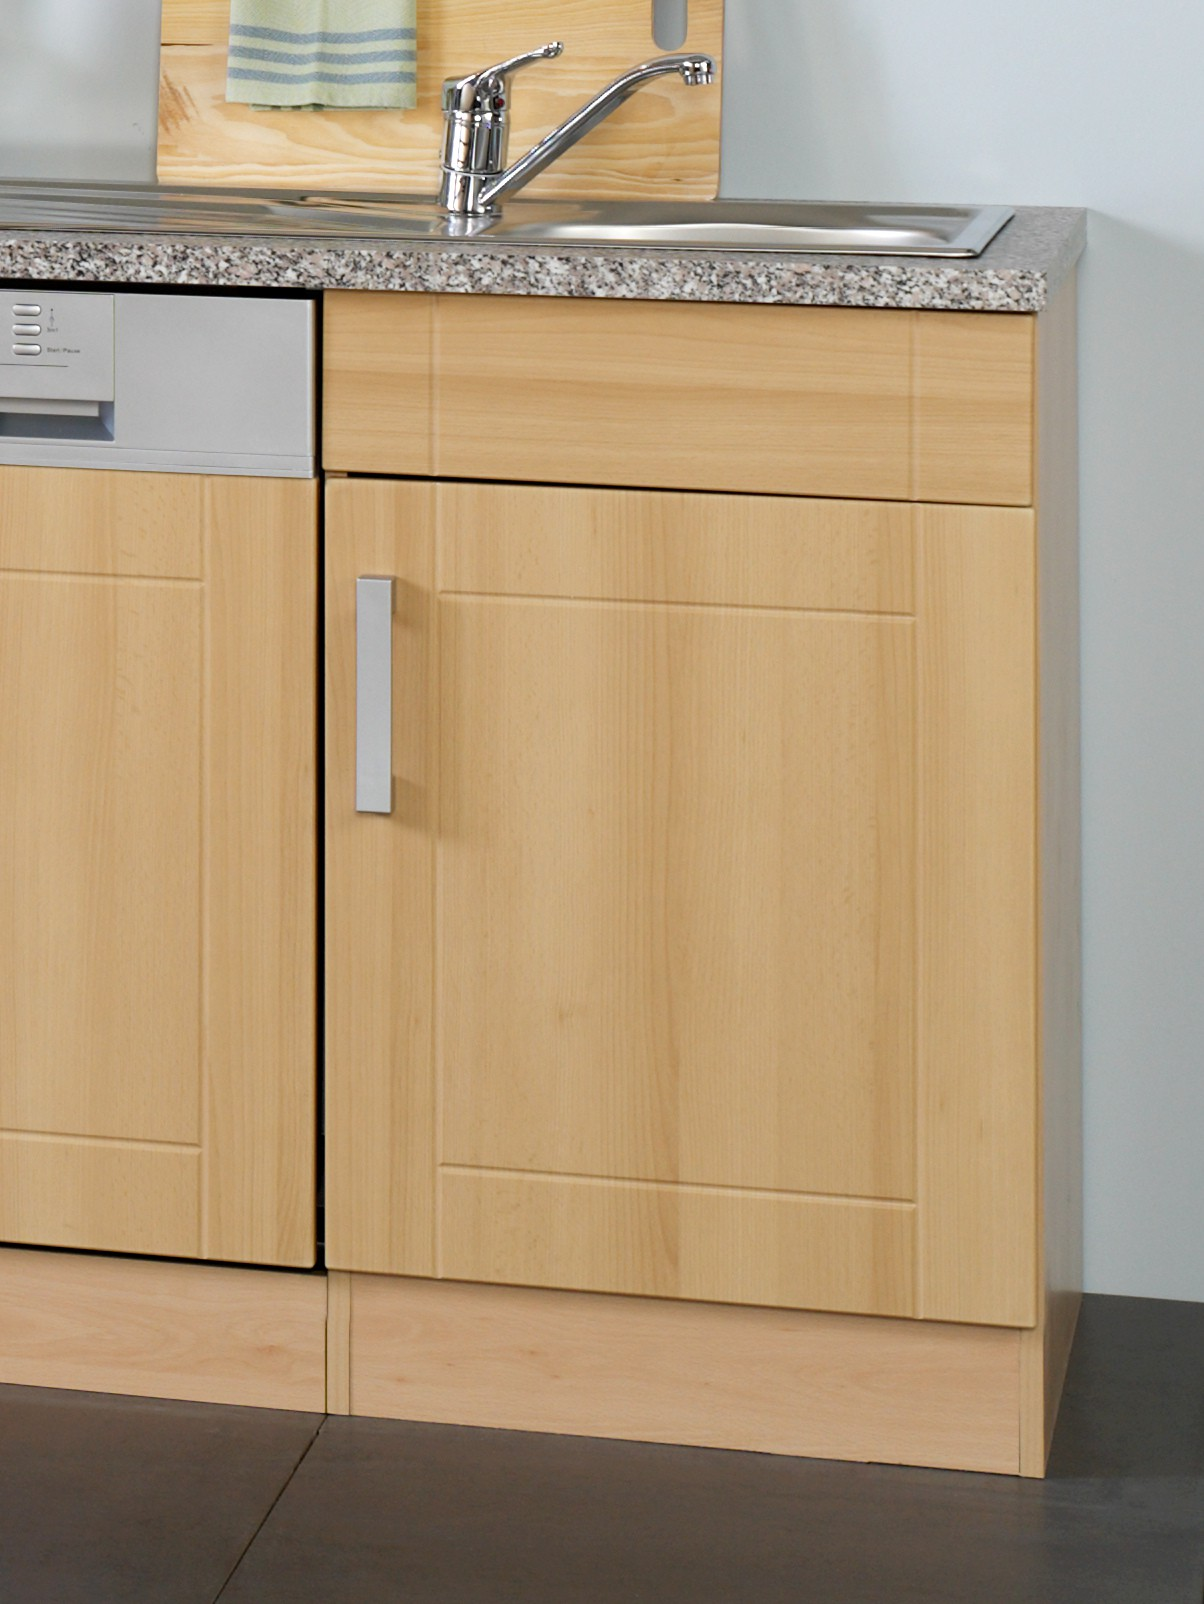 Kuchenzeile varel kuchen leerblock breite 280 cm for Küchenzeile ratenkauf